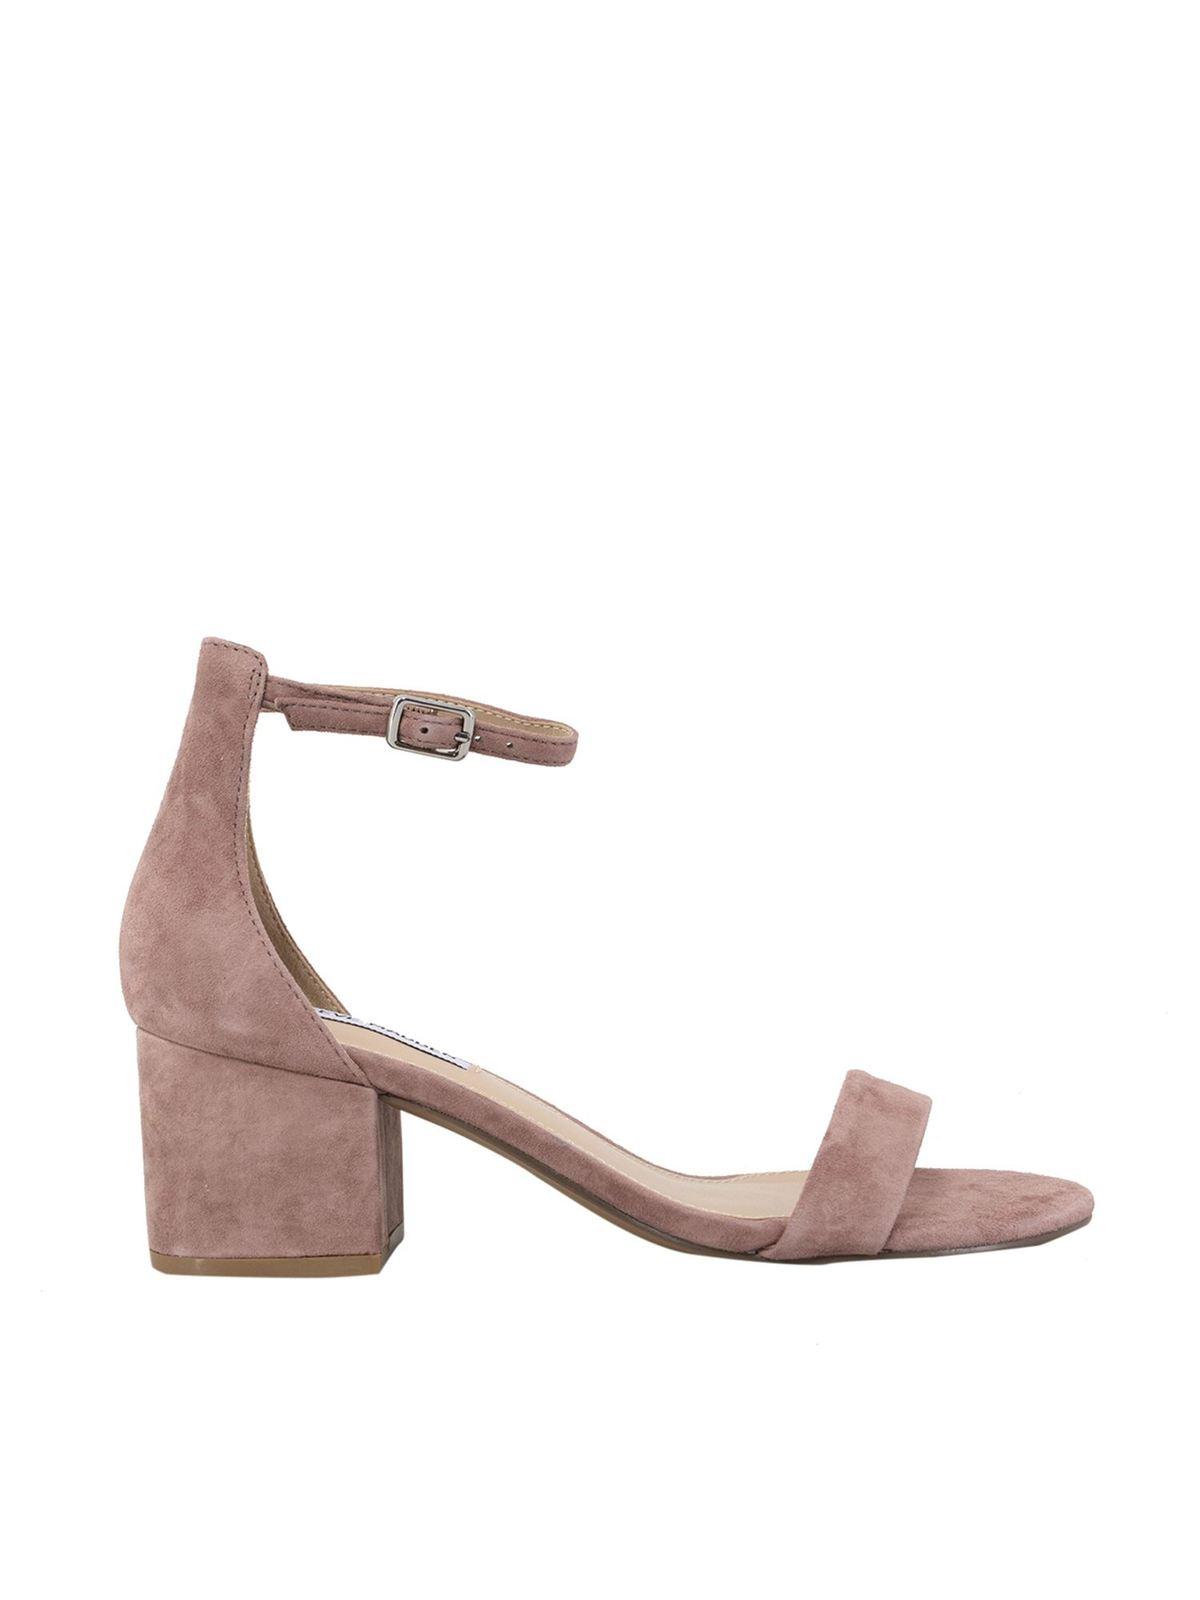 Steve Madden Mid heels IRENEE SANDALS